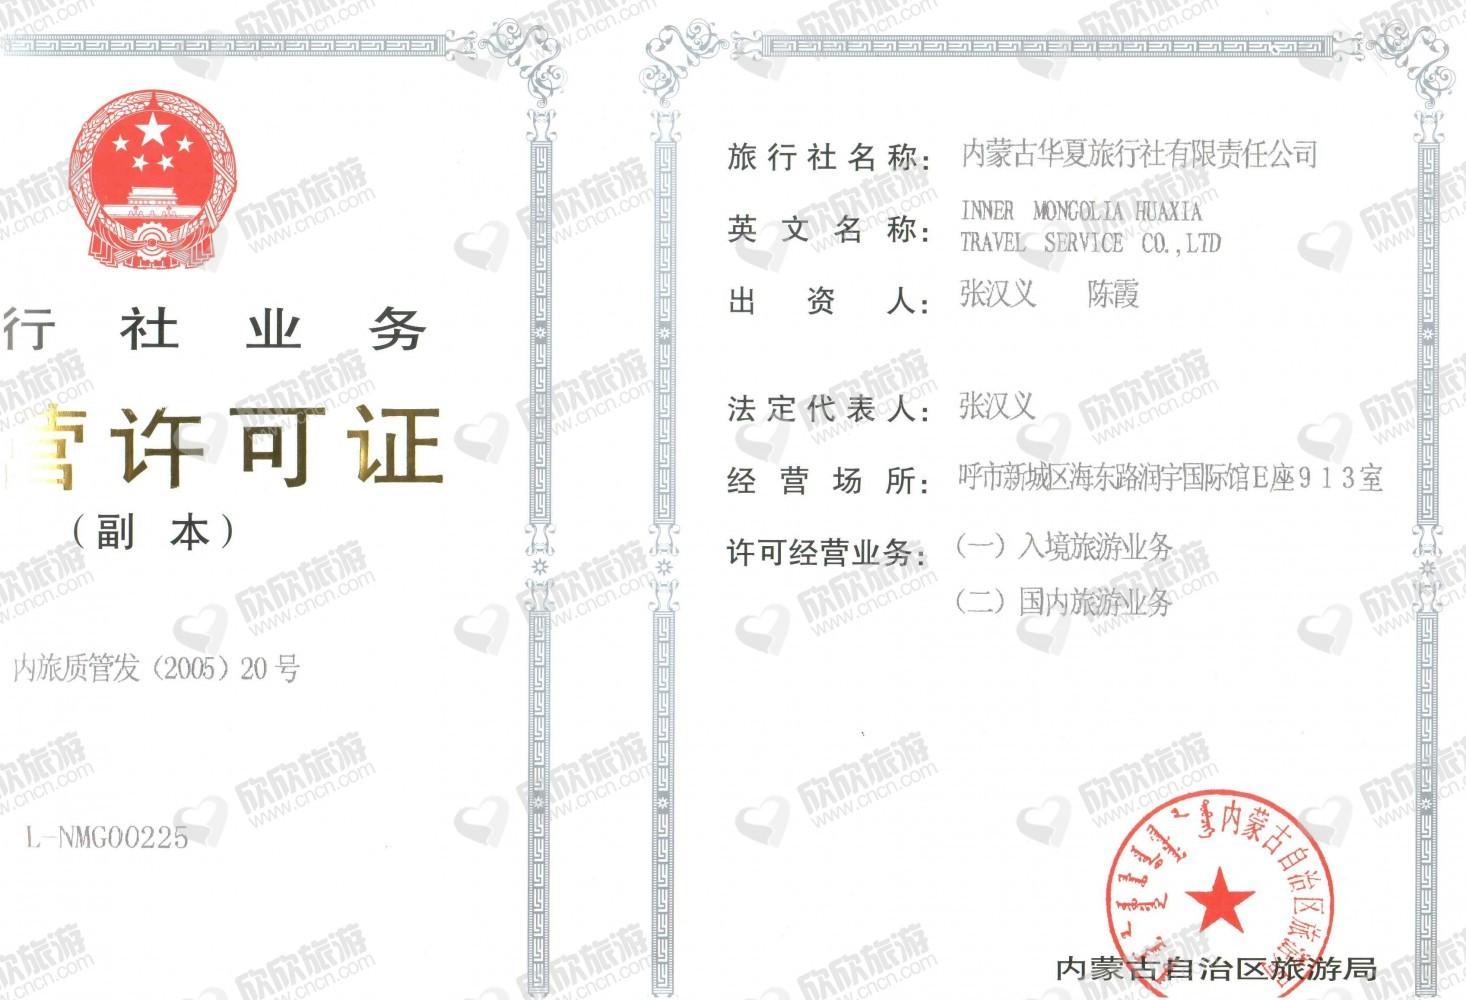 内蒙古华夏旅行社有限责任公司经营许可证